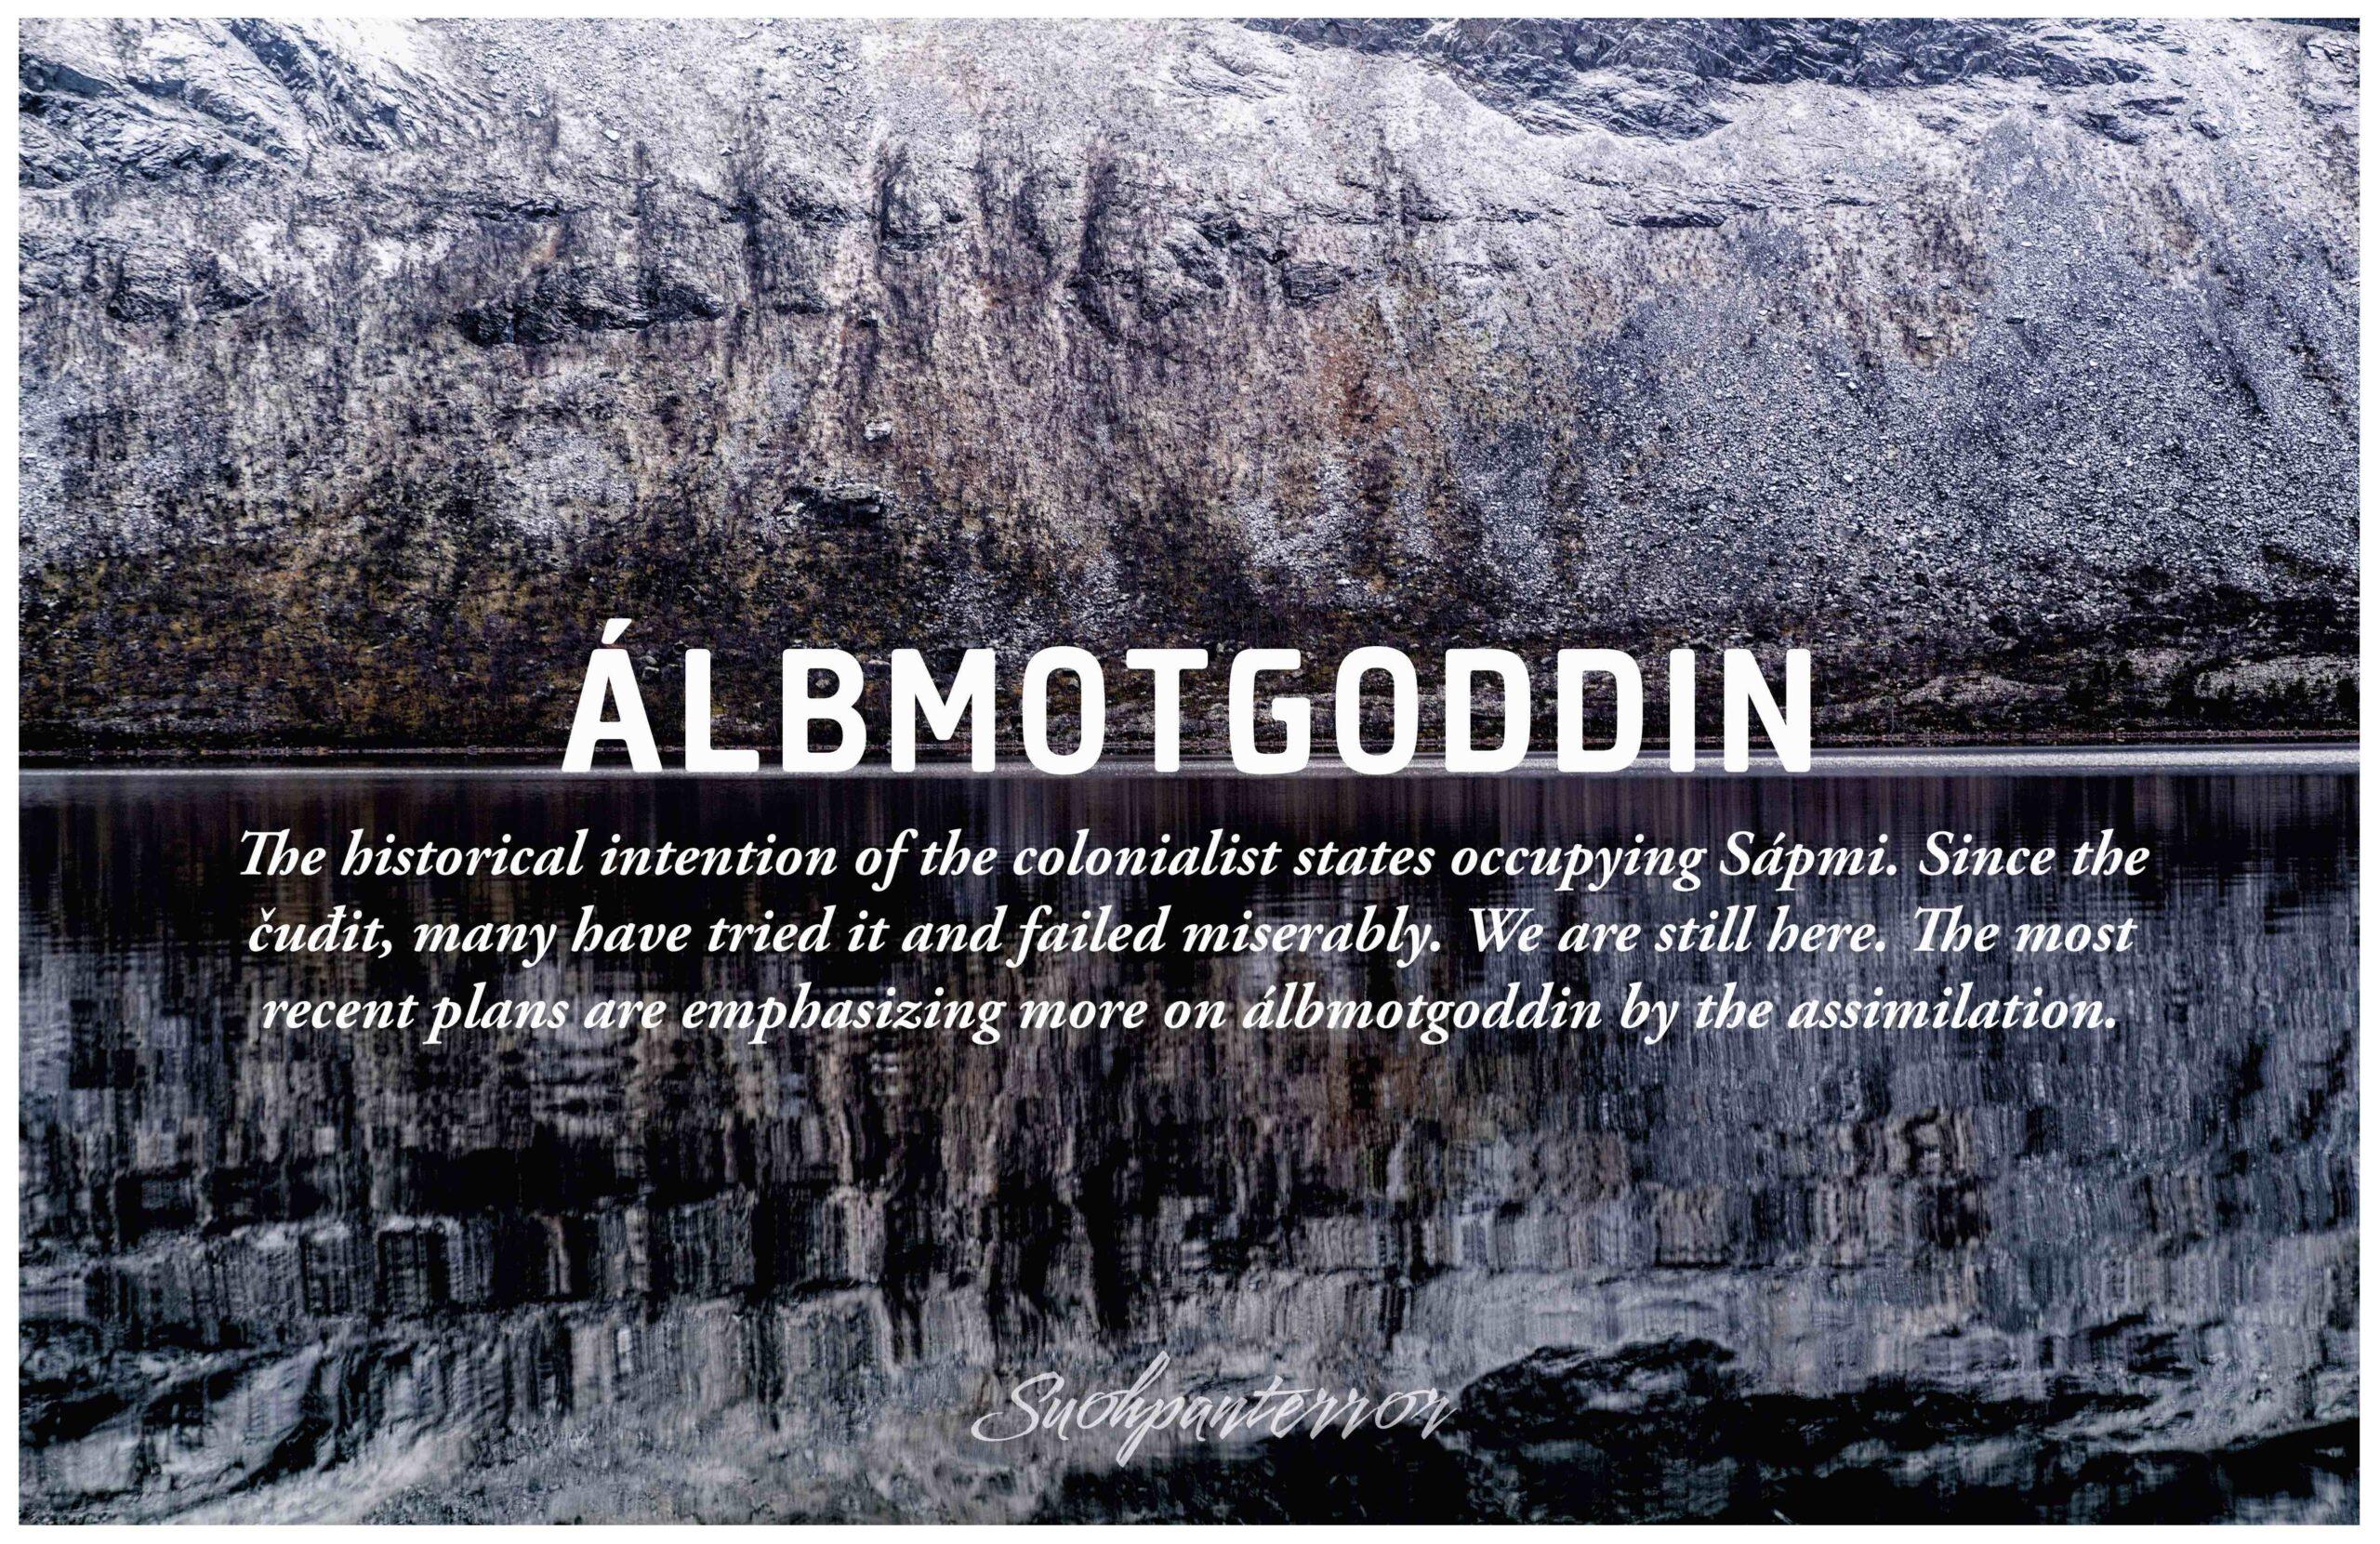 Sanoissa on voimaa. Suohpanterror tuotti sarjan teoksia, jotka yhdistävät luontokuvauksen ja koulujen opetustaulut. Teoksissa on kirjoitettuna saamenkielinen sana, joka on selitetty saamenkielentaidottomalle katsojalle.